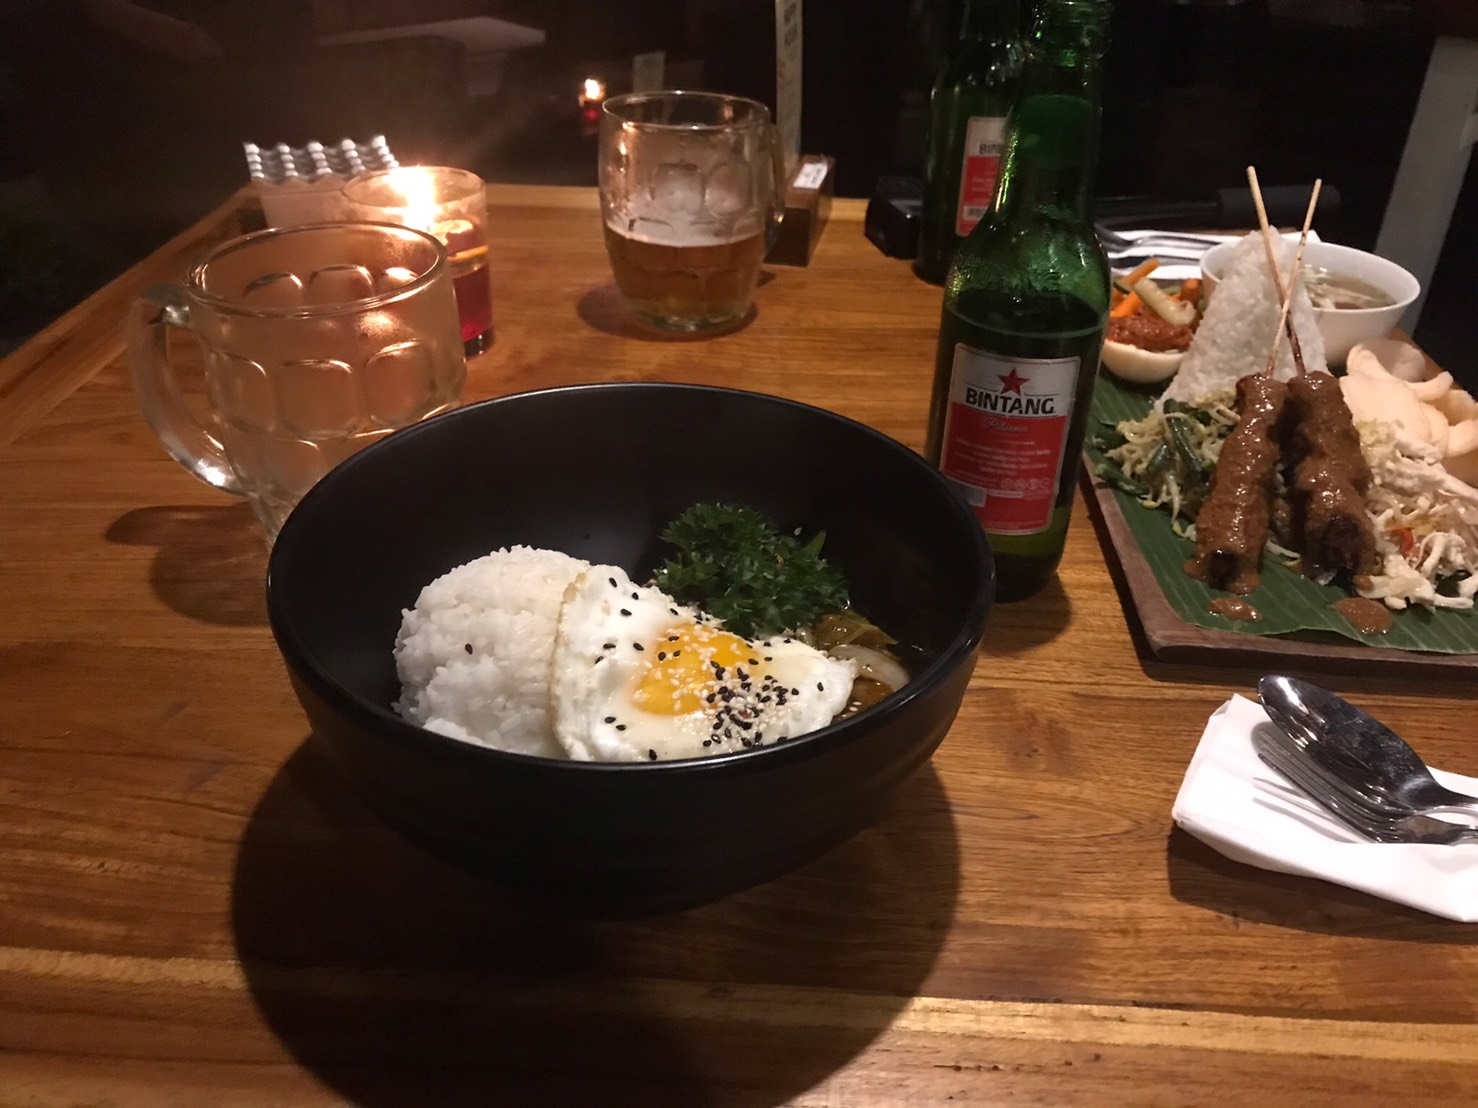 ウブド バリ島 夜ごはんを食べた写真